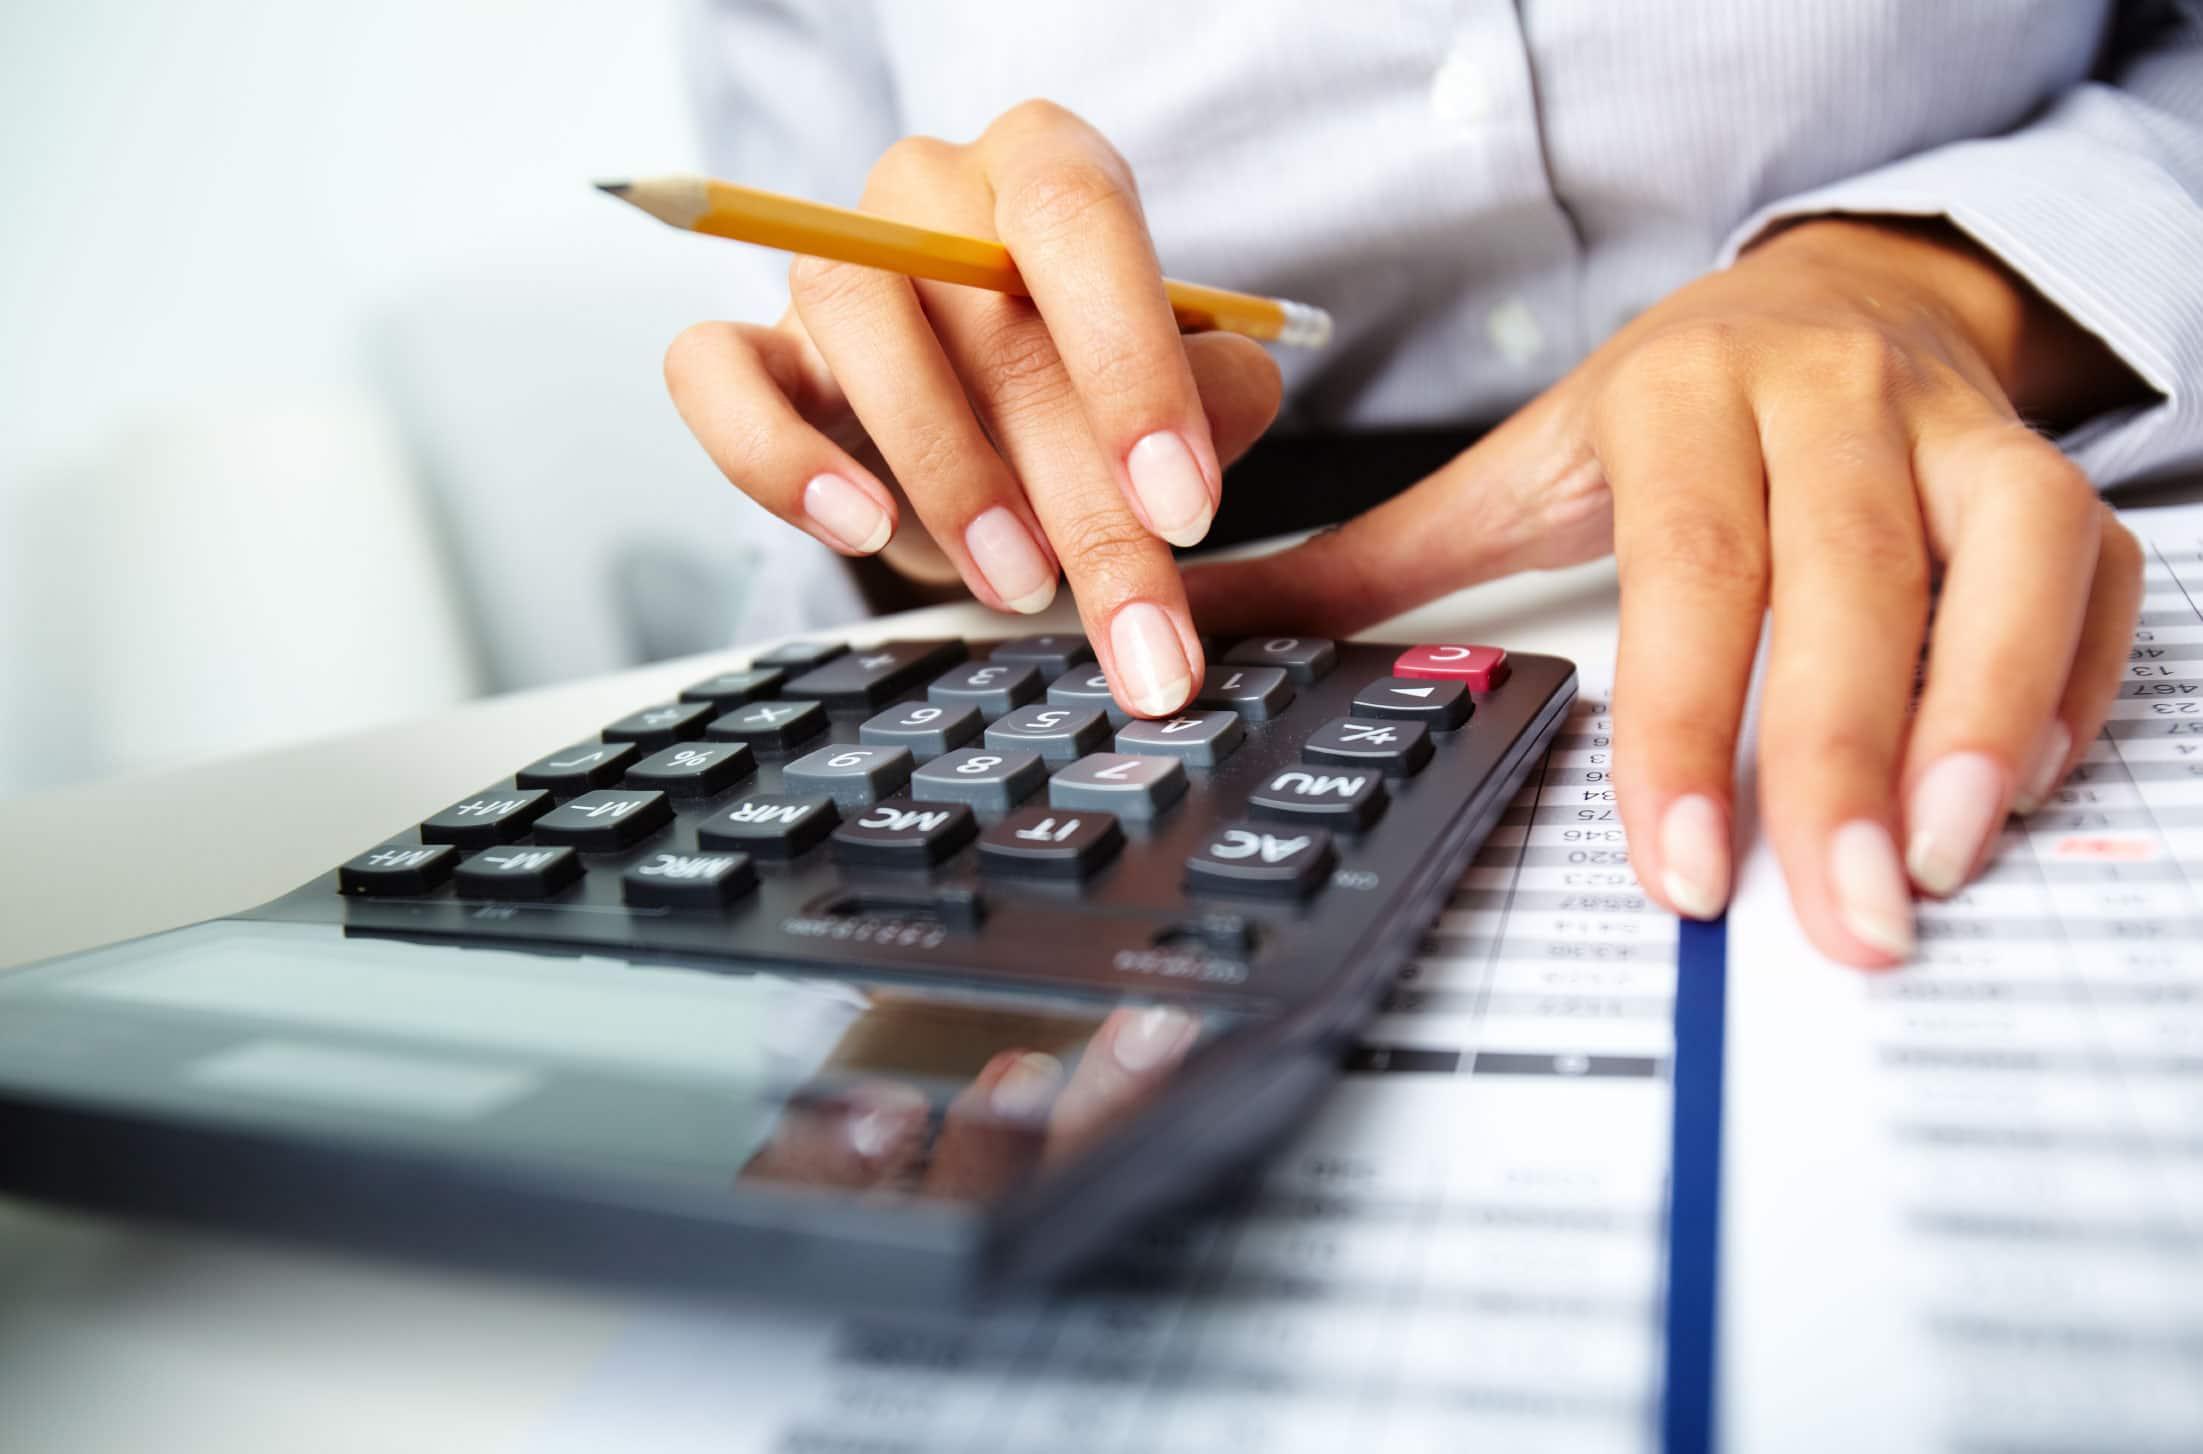 Atividades concomitantes: Nova forma de cálculo trazida pela Lei nº 13.846/2019